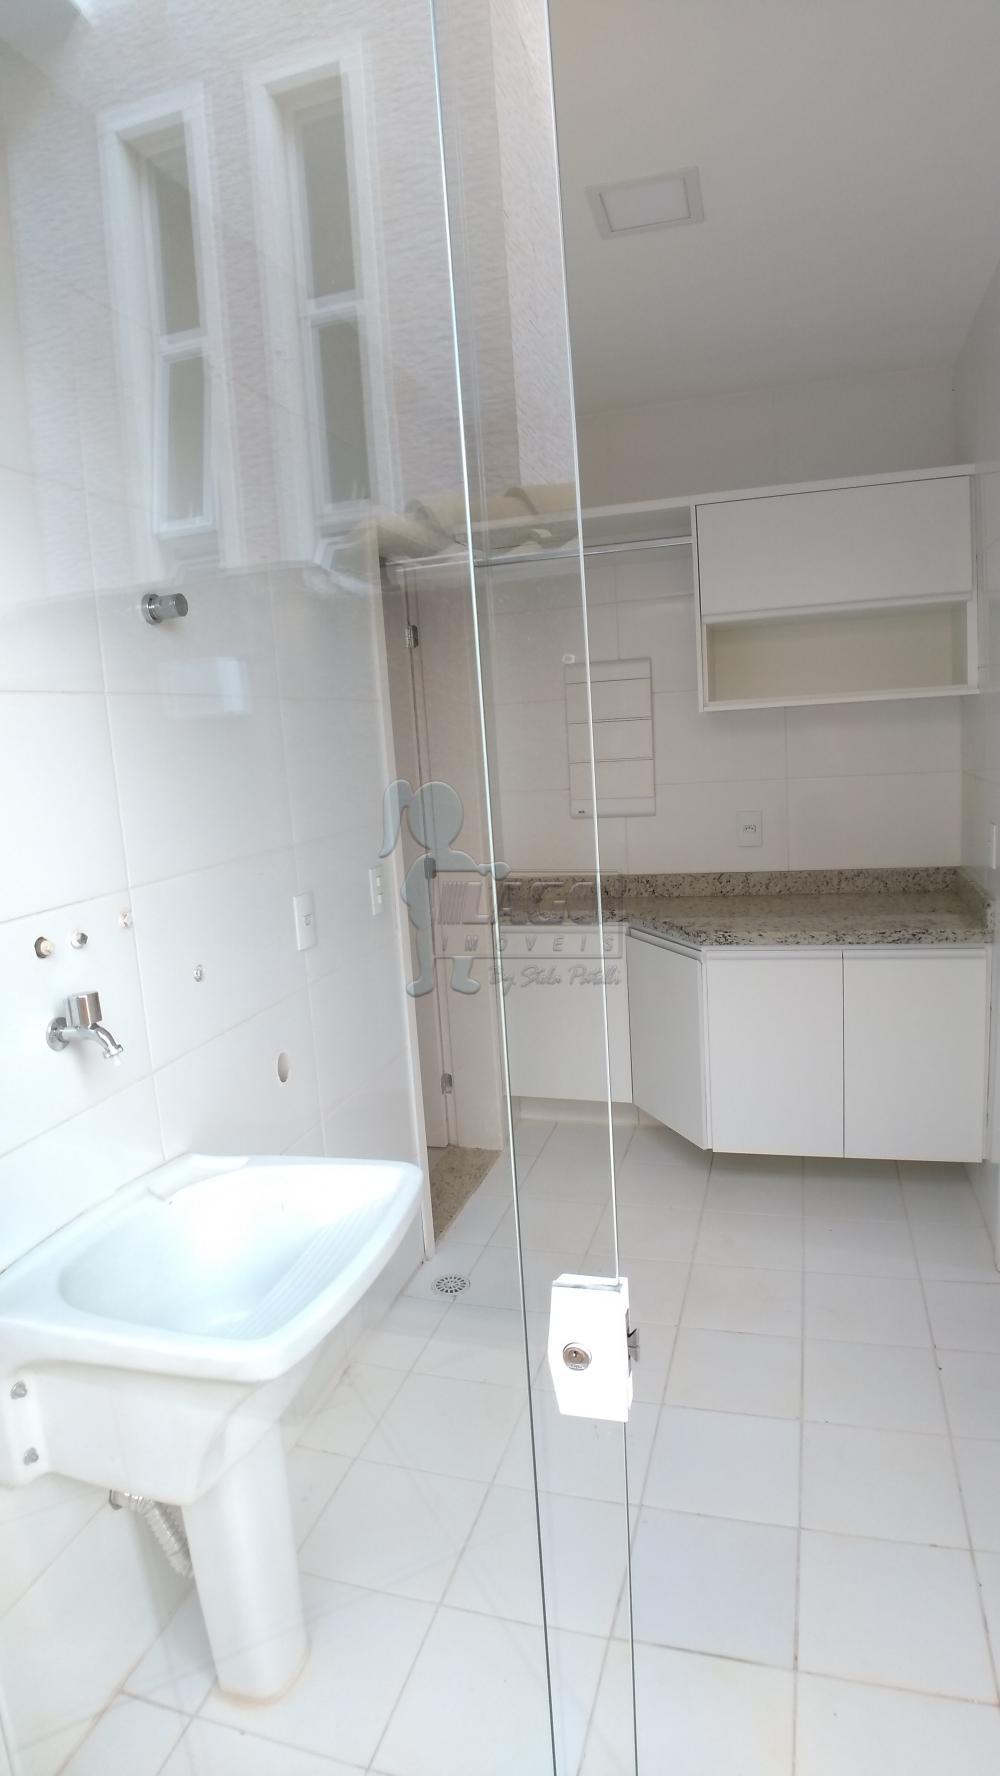 Comprar Casas / Sobrado em Ribeirão Preto apenas R$ 740.000,00 - Foto 8